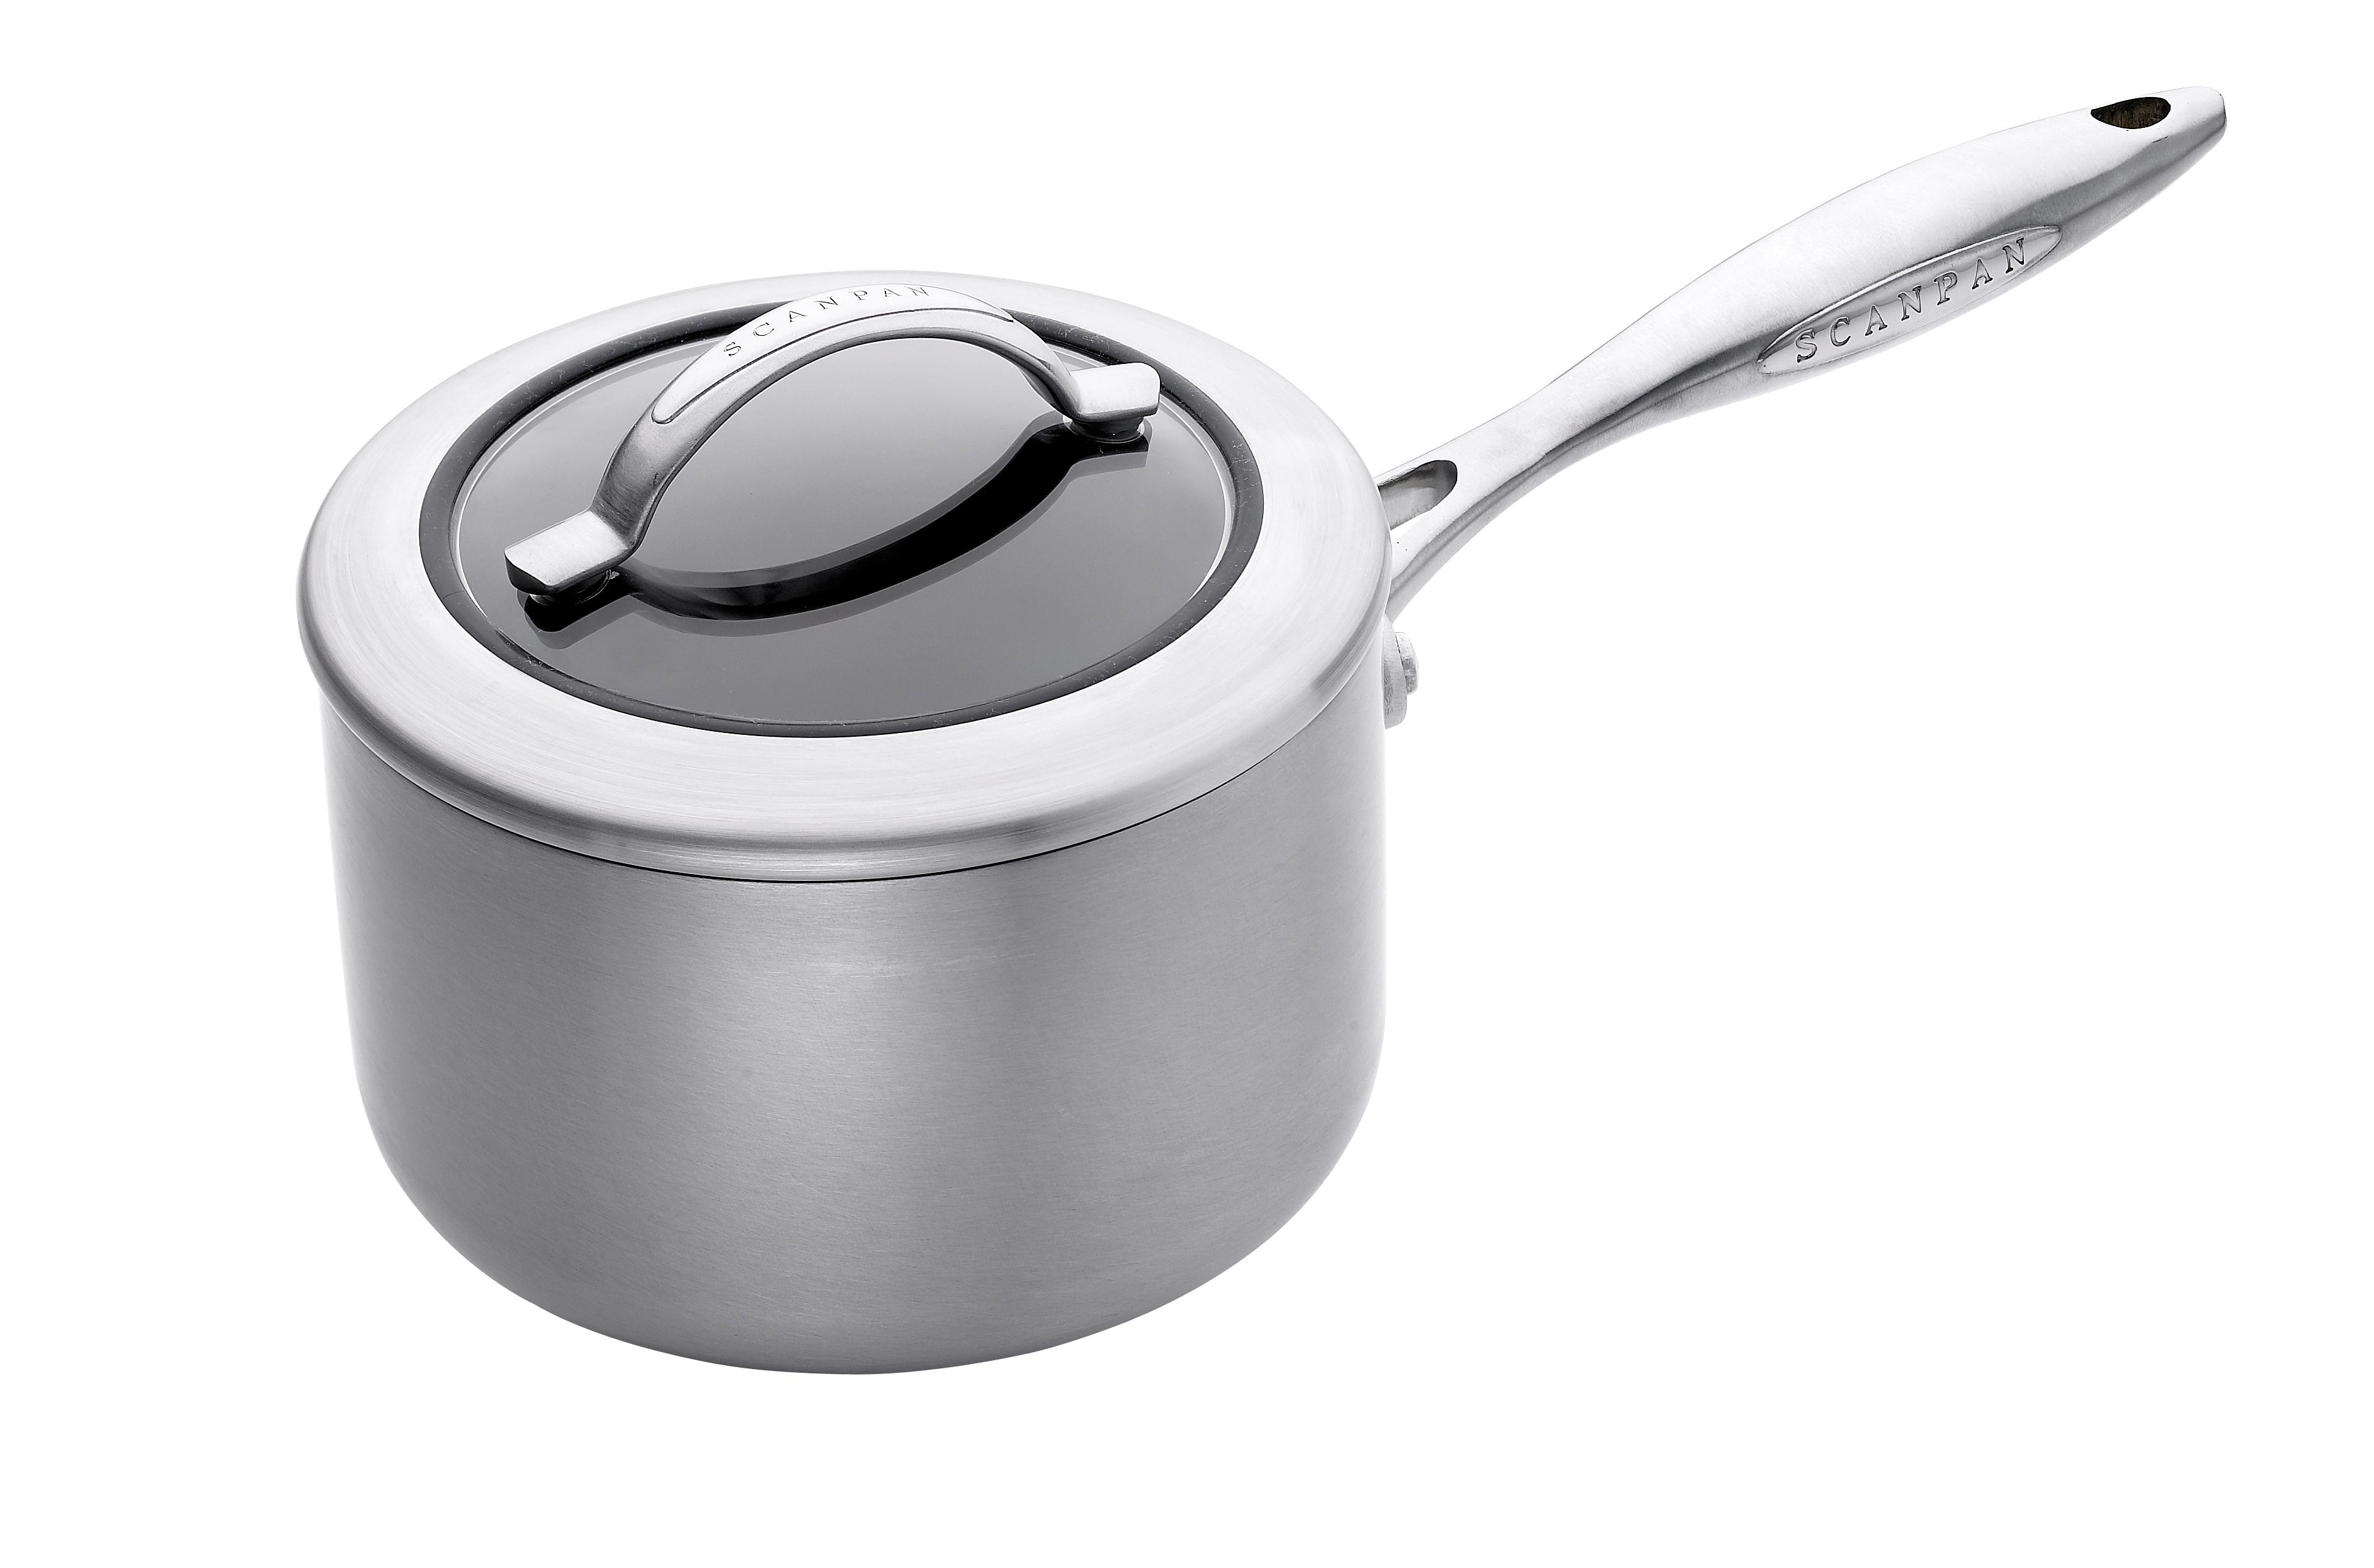 1,8l/16 cm kasserolle med glaslåg - CTX, 1,8 l 16 cm